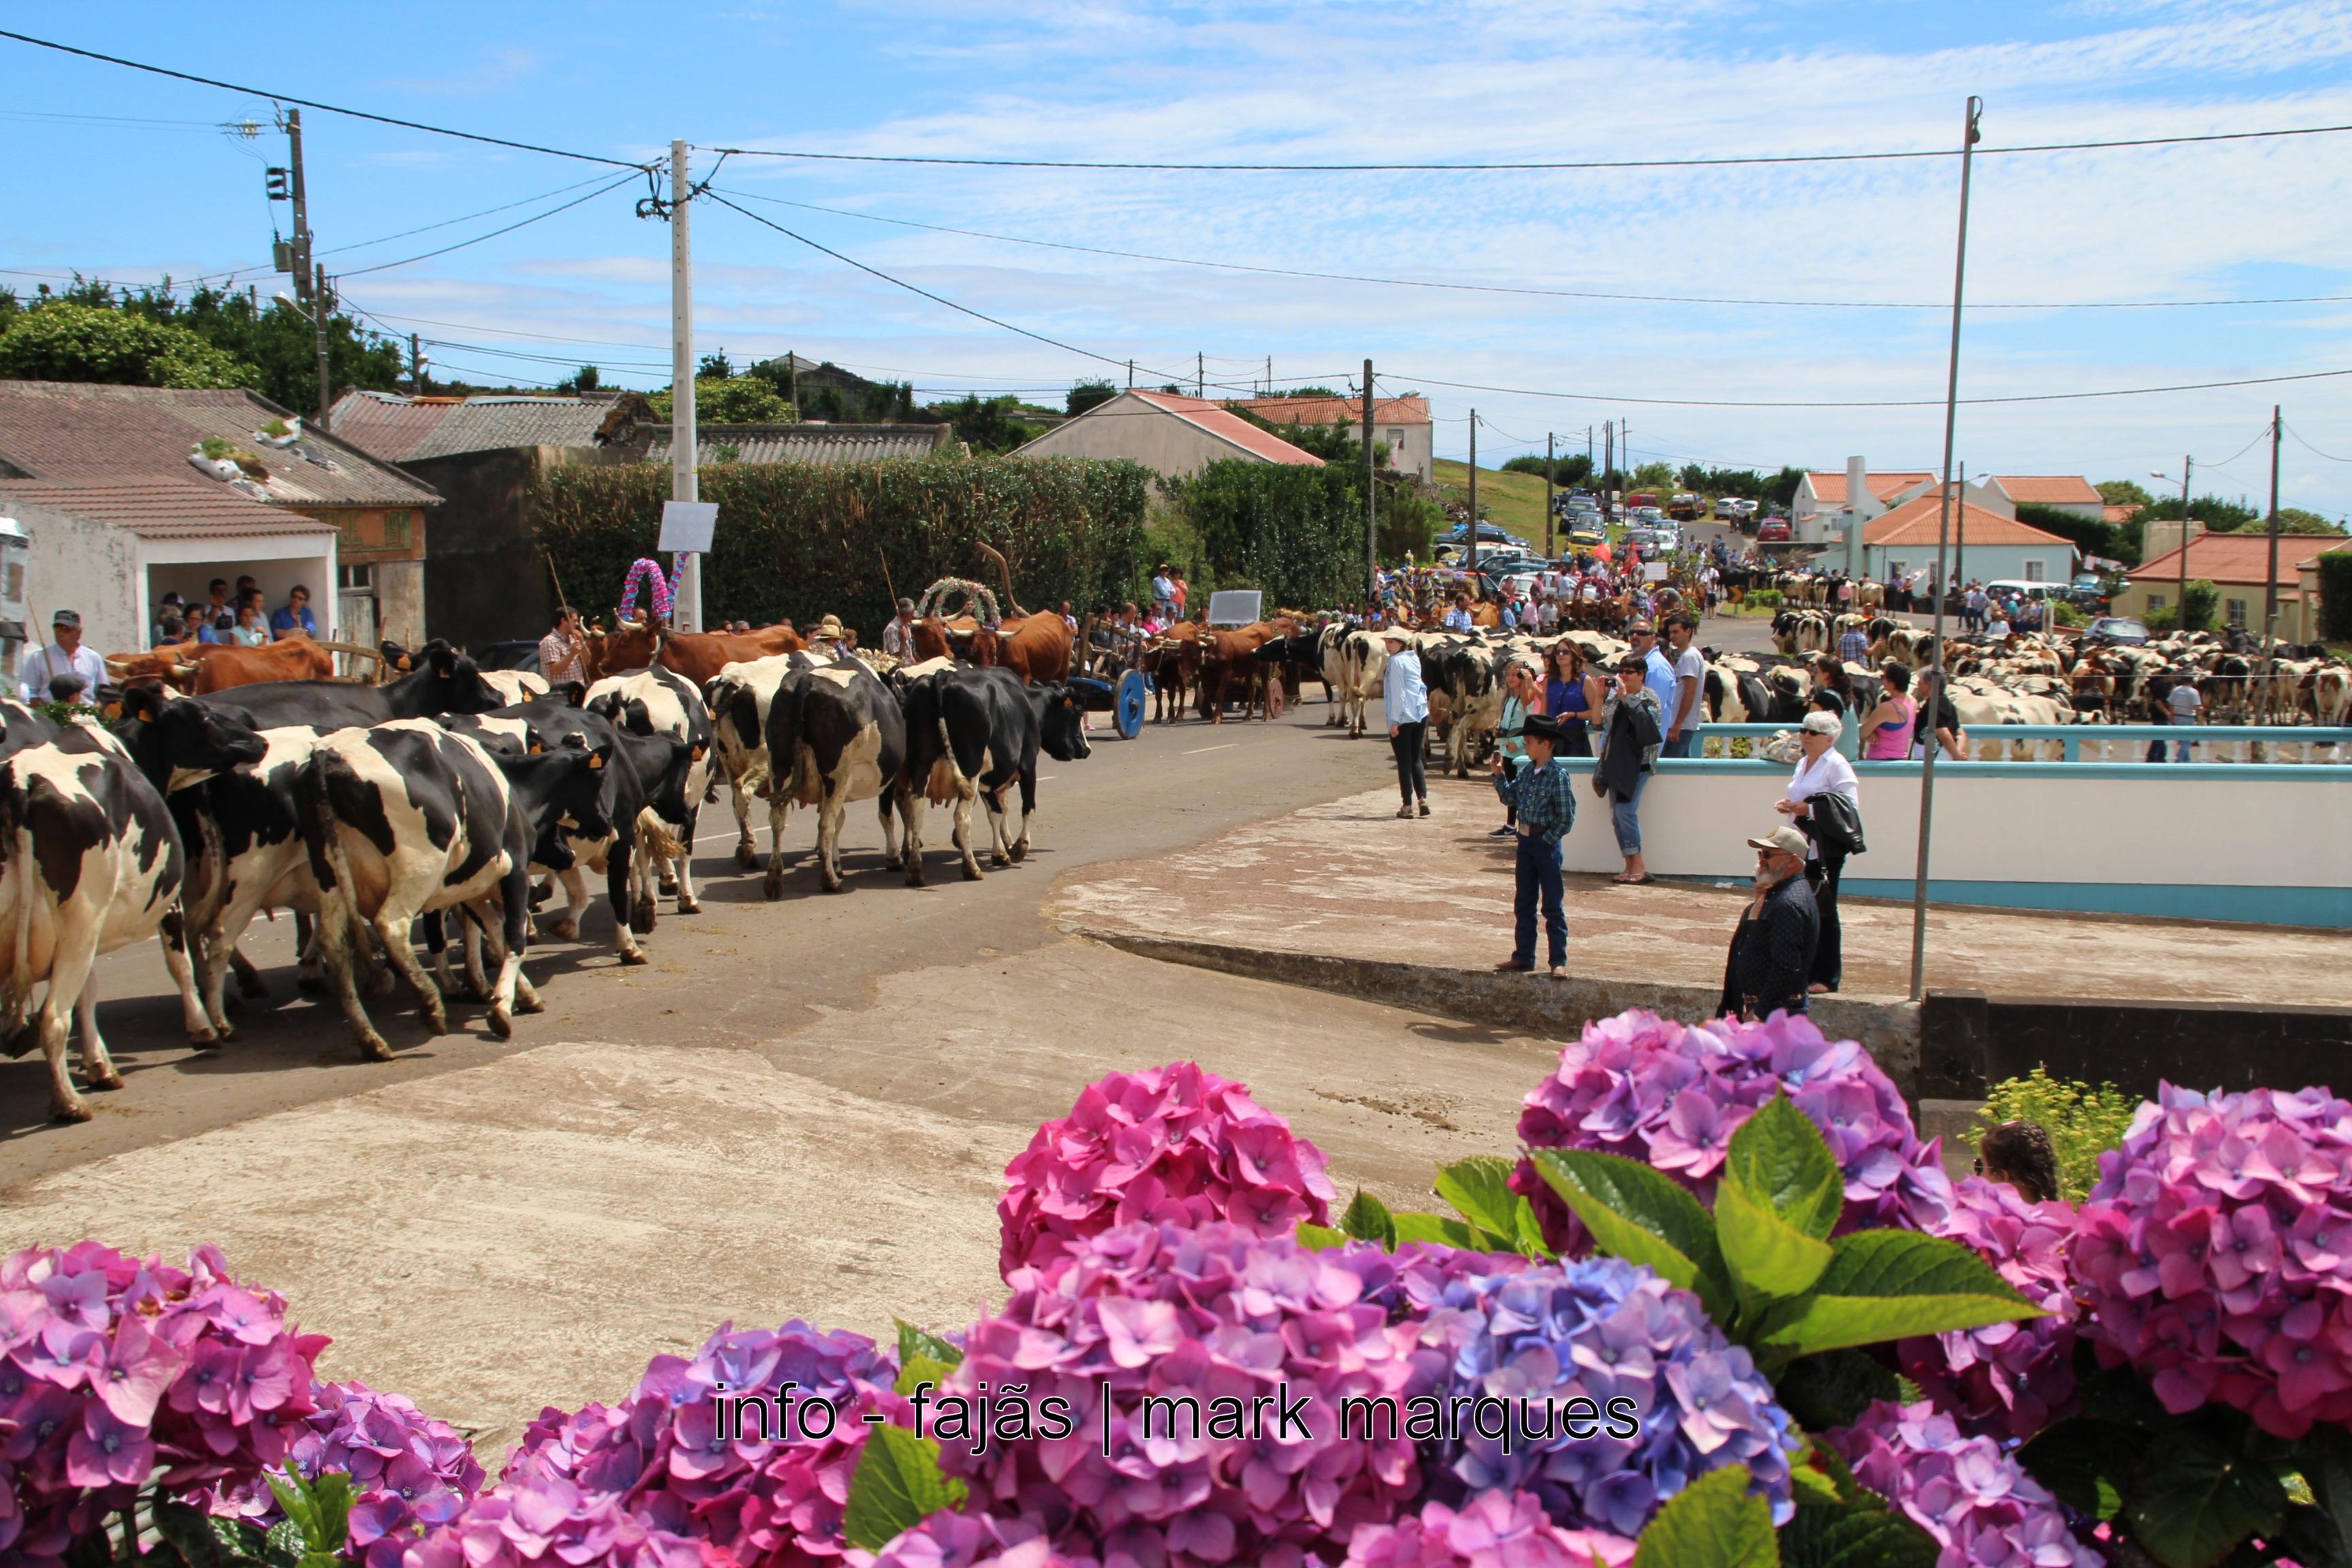 BODO DE LEITE EM SÃO TOMÉ (Santo Antão) (Topo) 3.07.2016. (reportagem fotográfica)